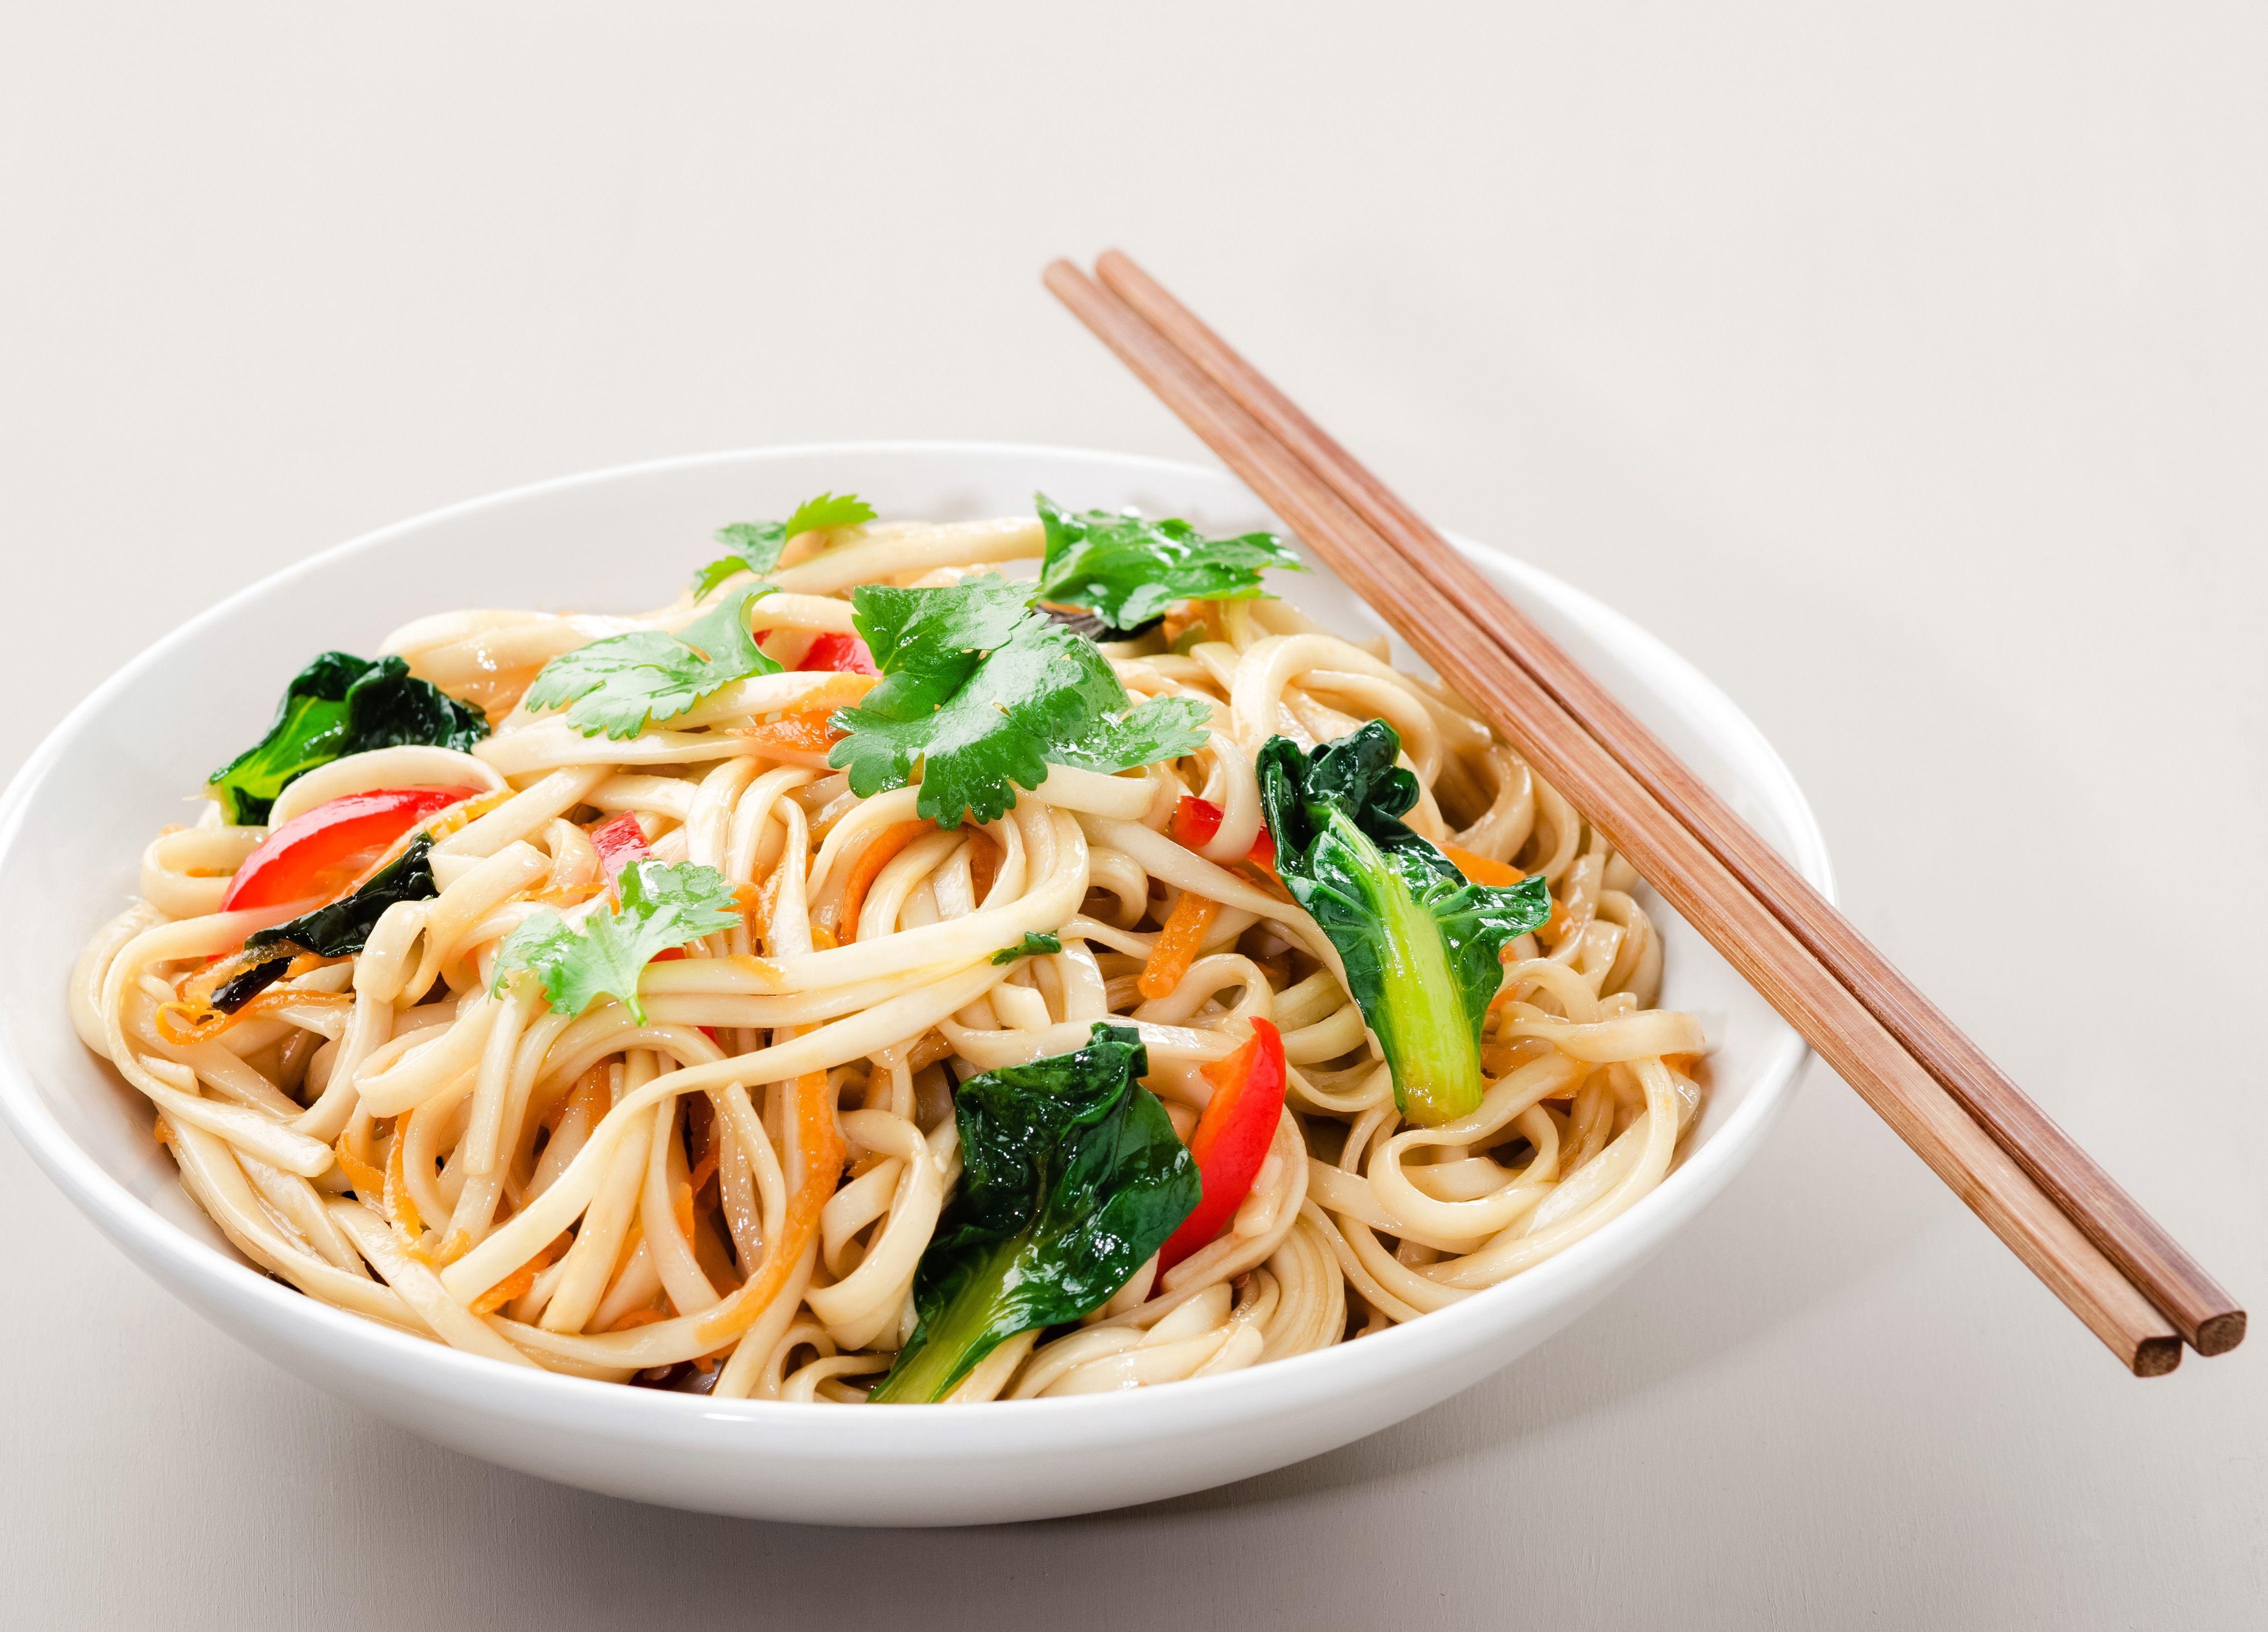 Hình ảnh Những món ăn nổi tiếng ở Trung Quốc 2